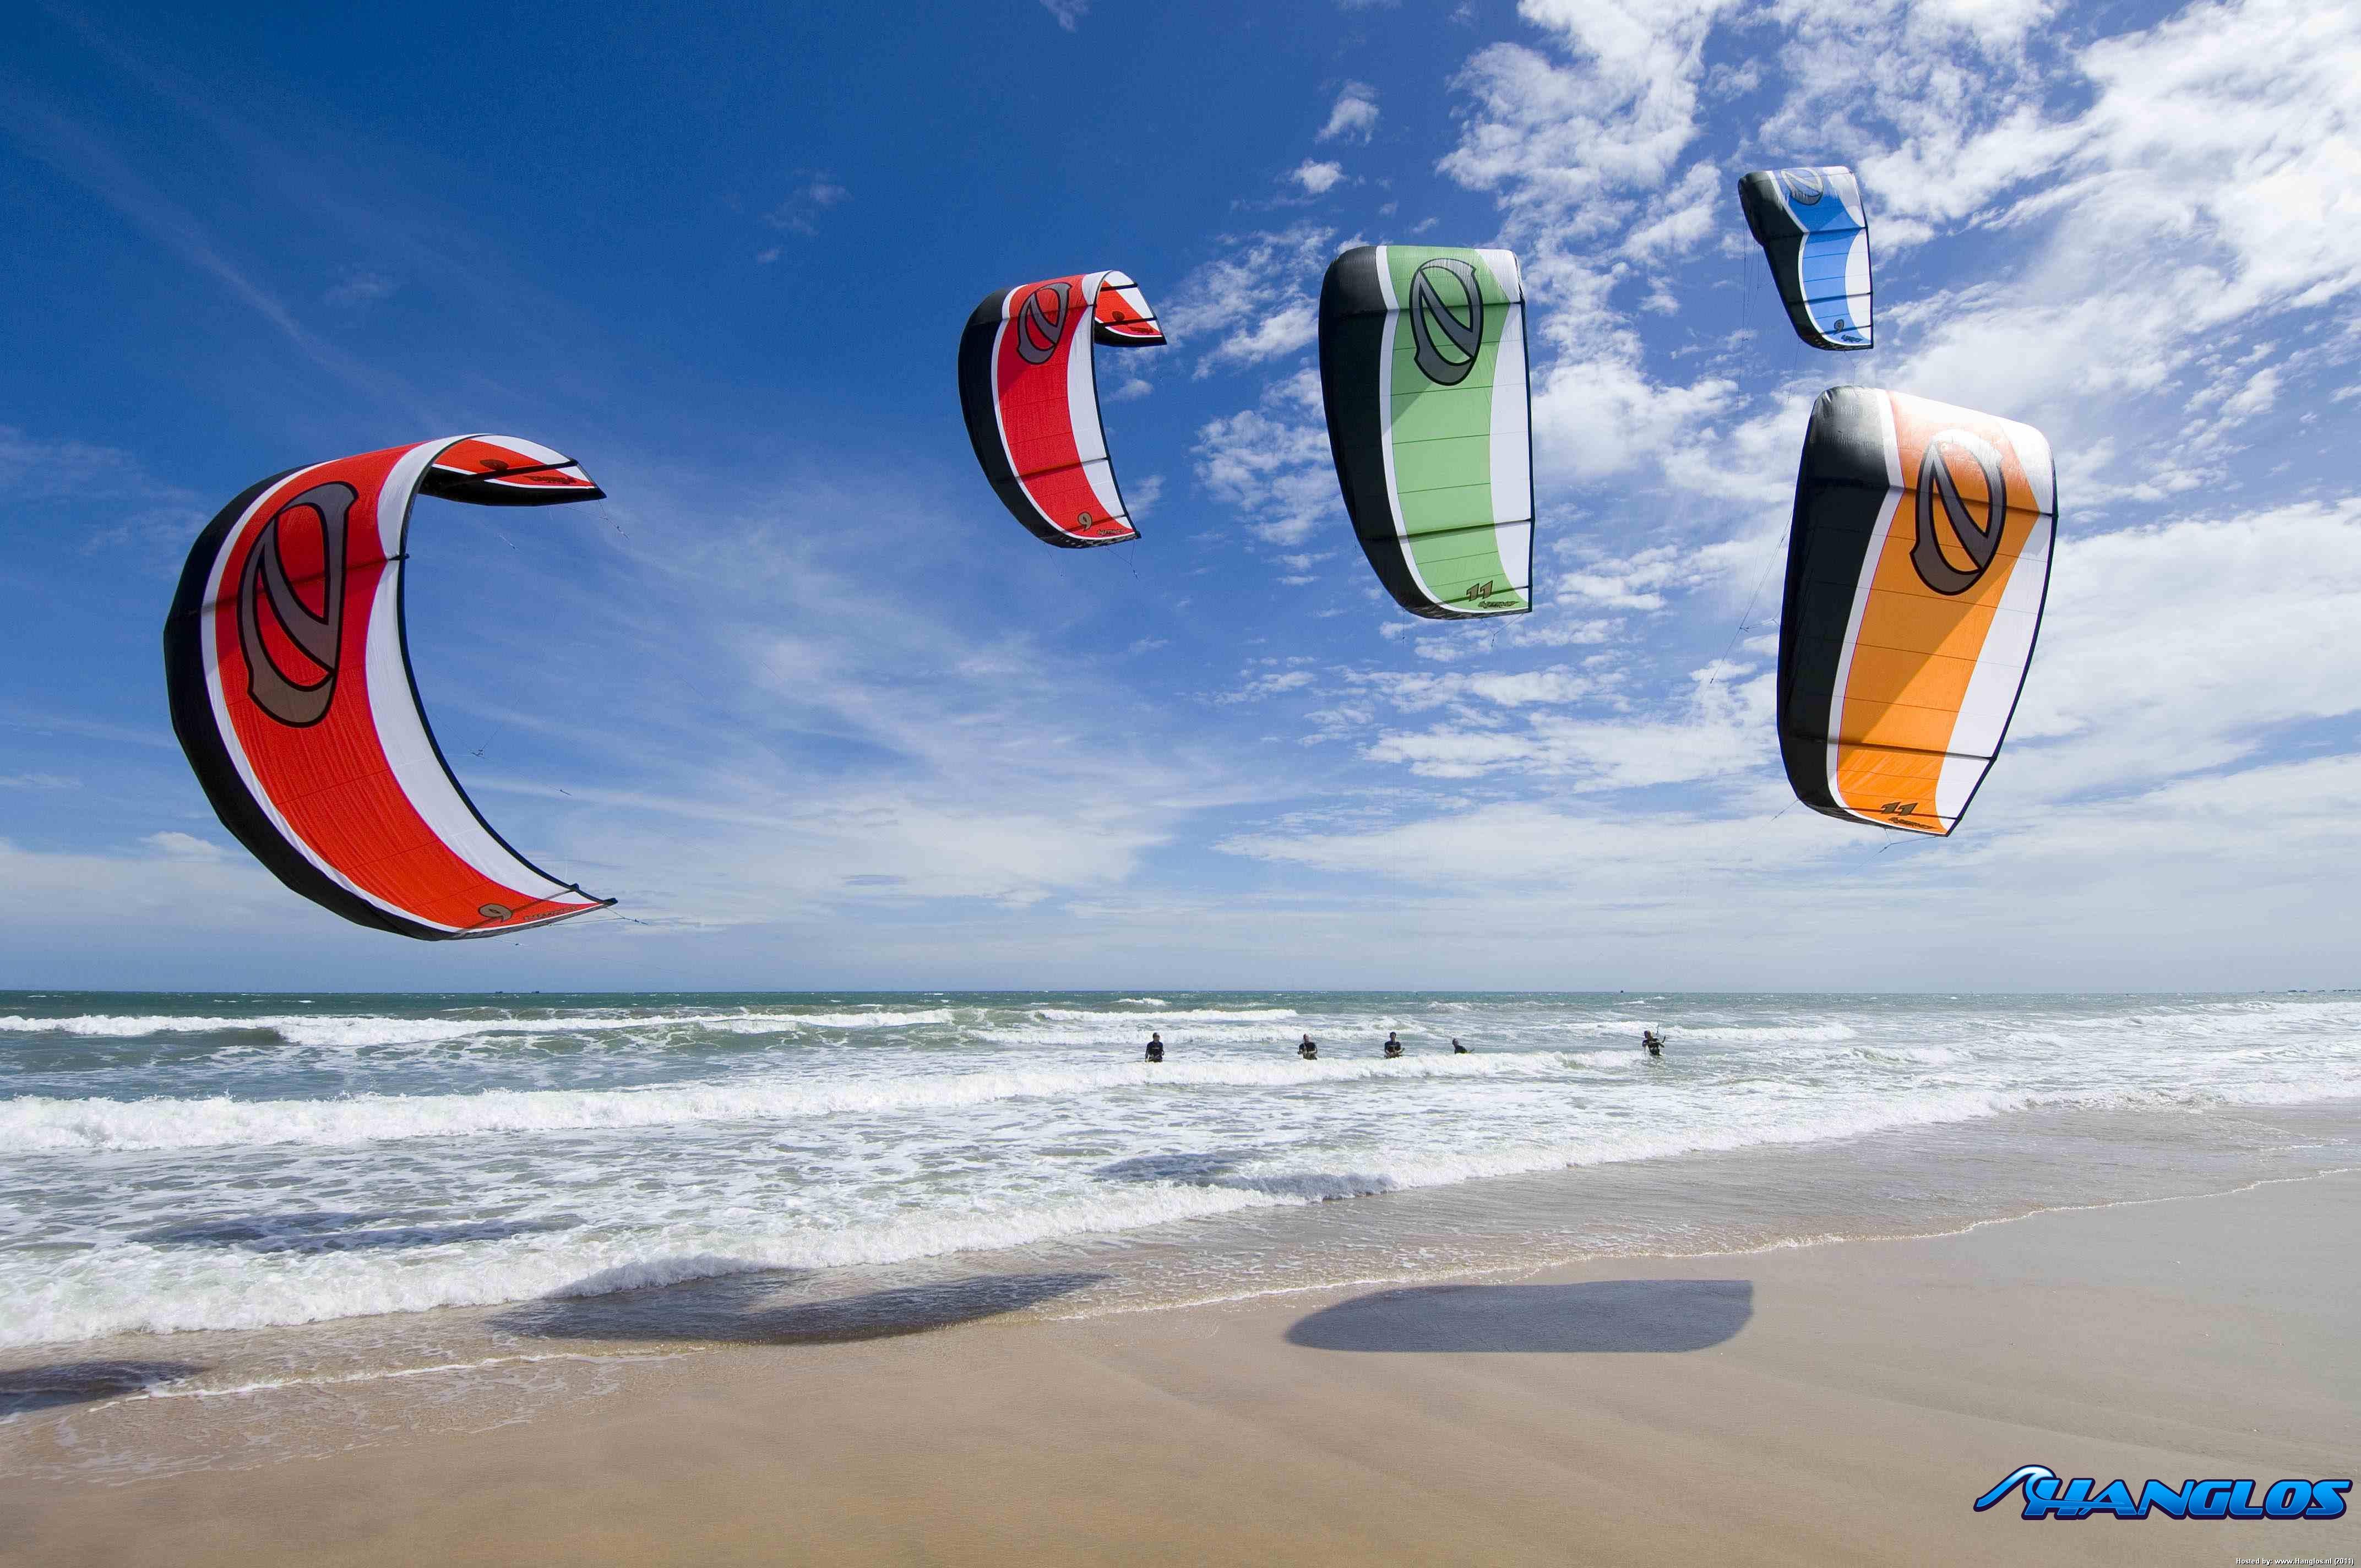 Le vent de Bray-Dunes : une nouvelle association de glisse aéro-tractée